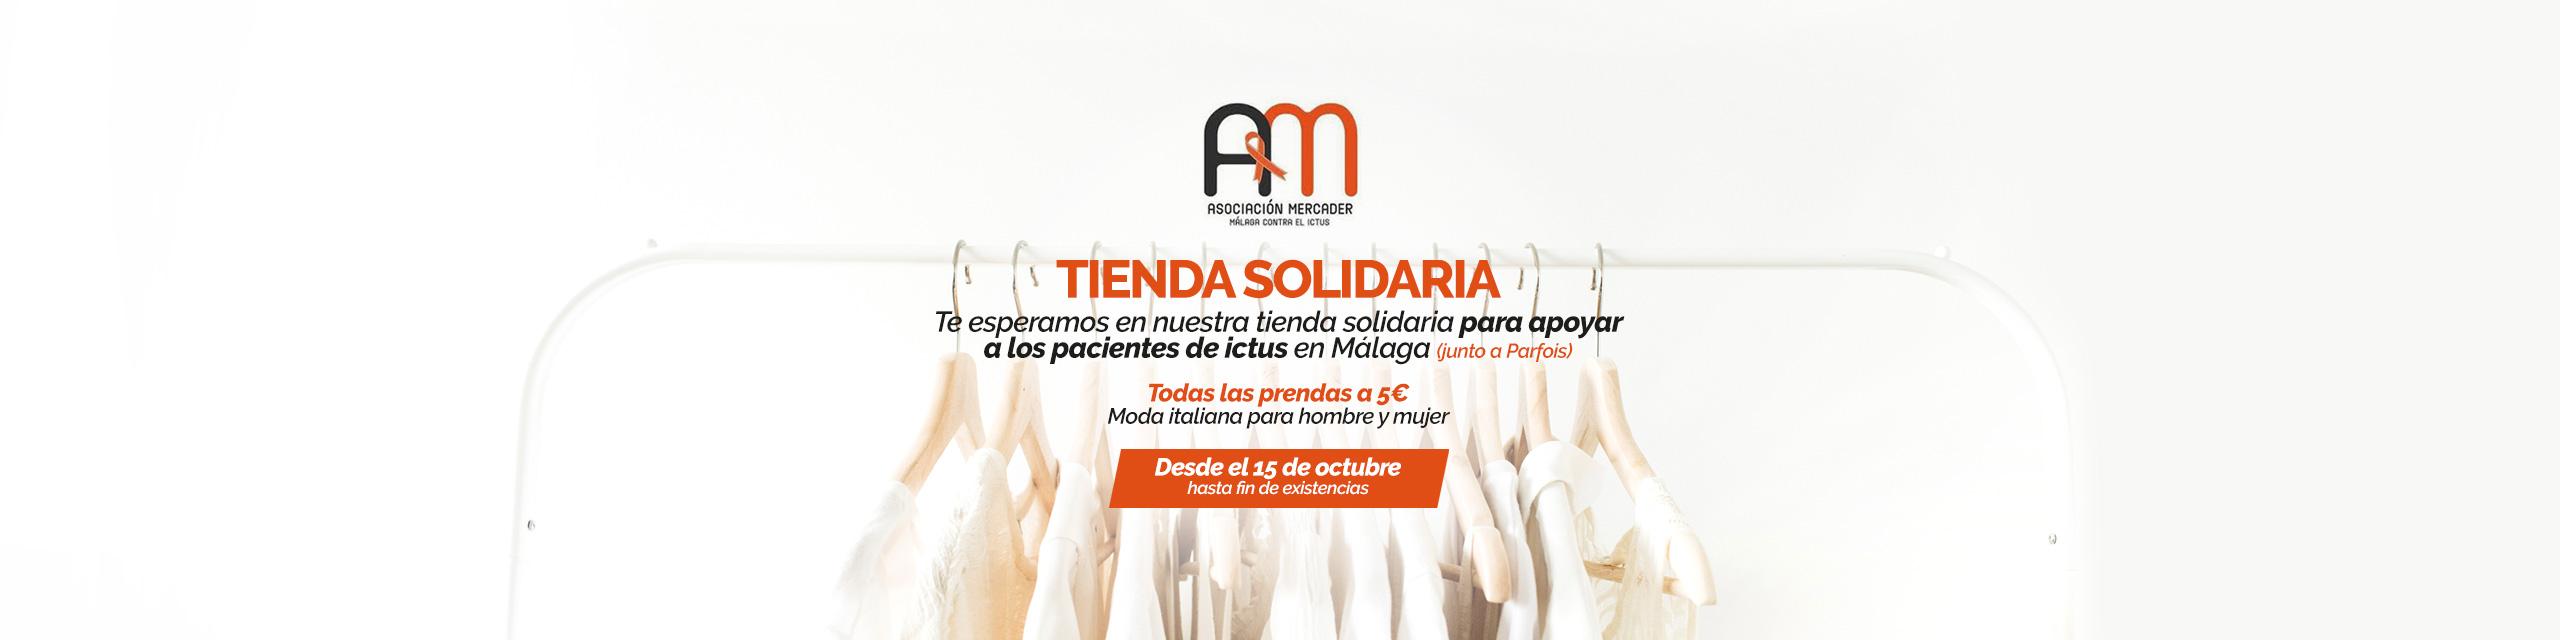 Tienda Solidaria Málaga Factory